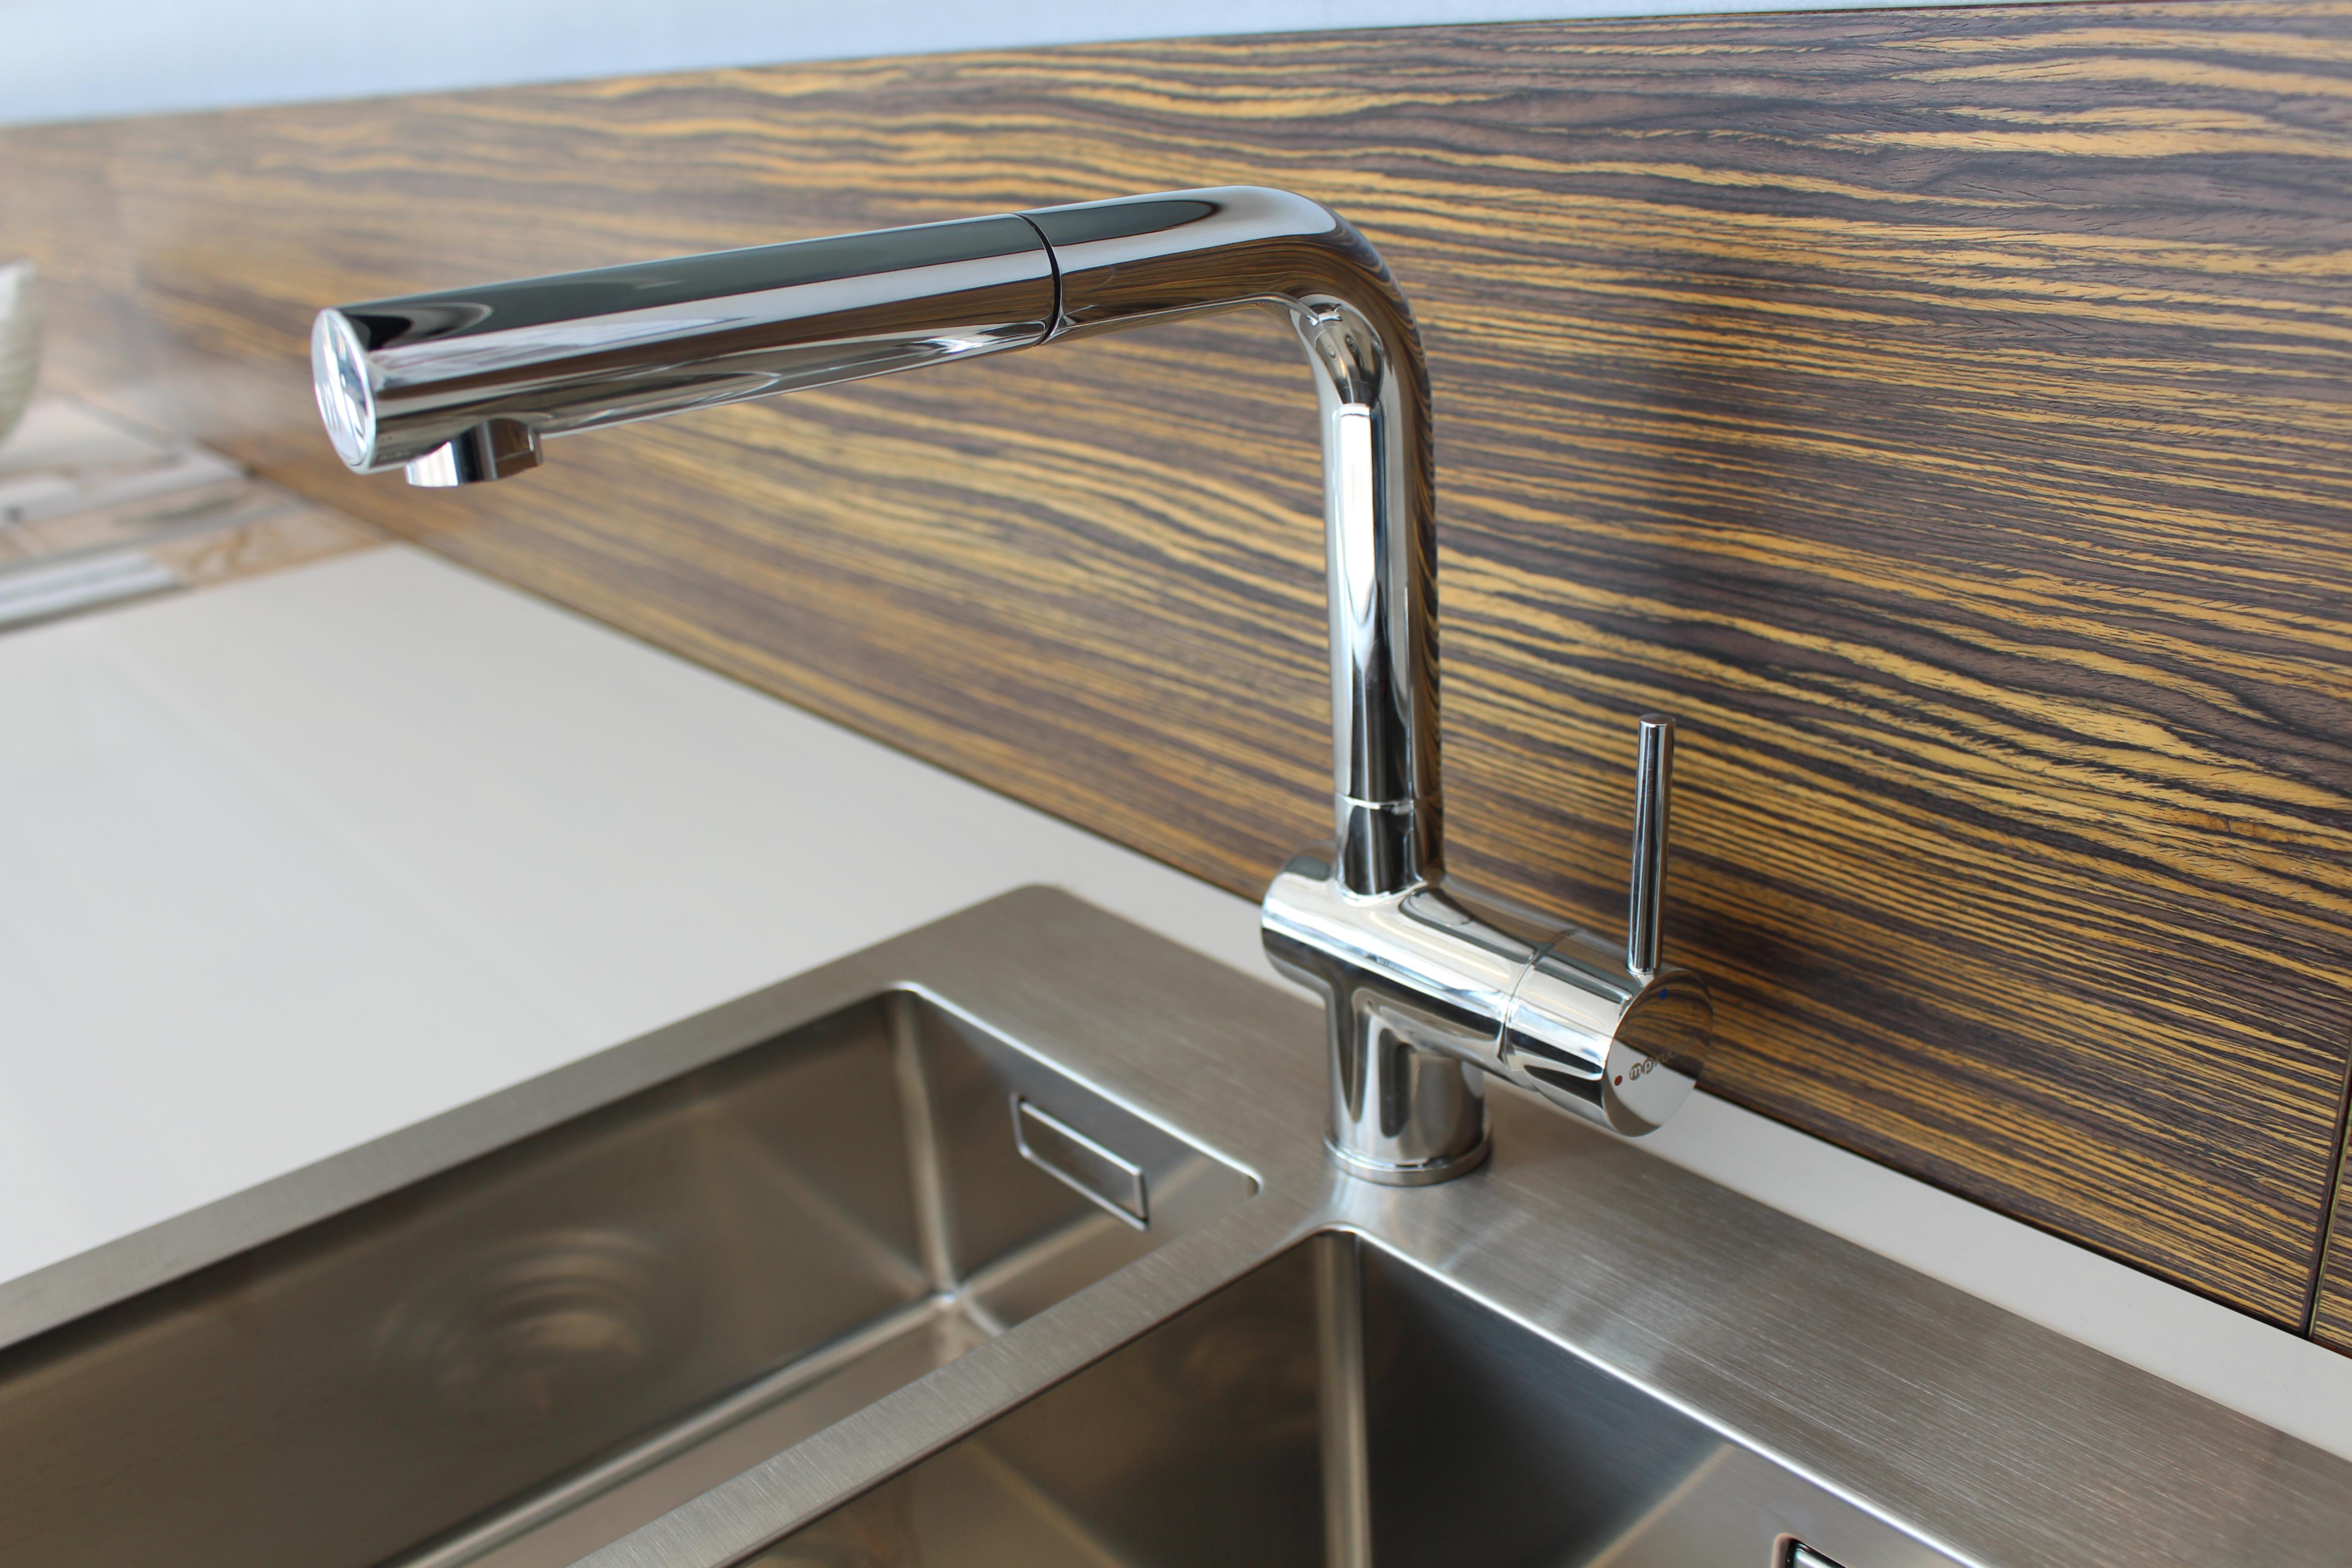 MP Küchen Küchenarmatur Chrom mit Schlauchbrause | psi24.com